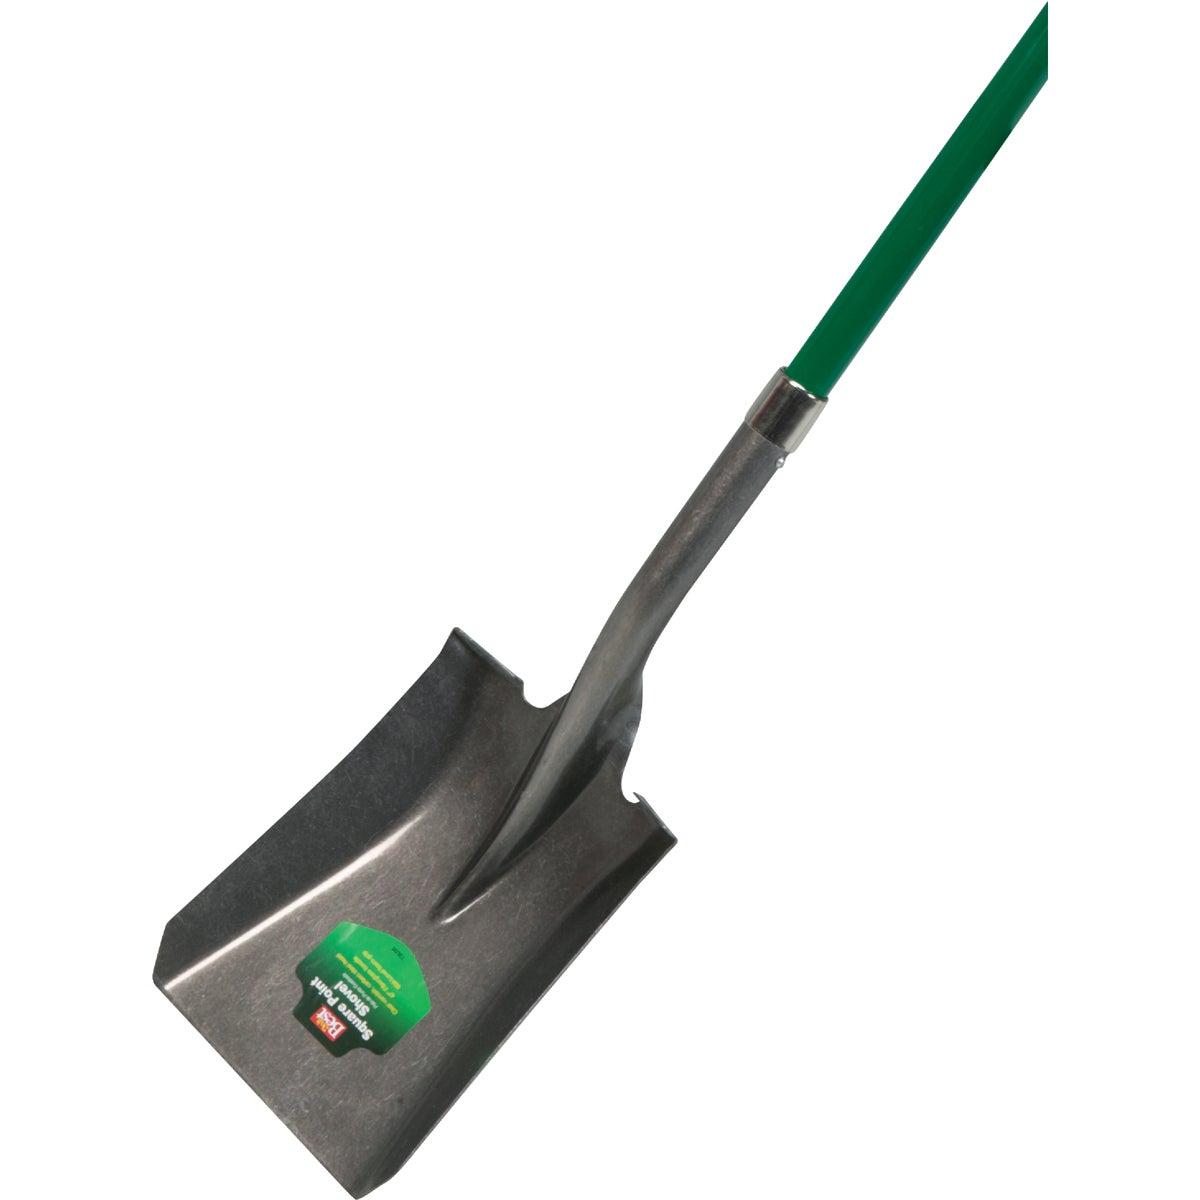 Long Hdl Sq Pt Shovel